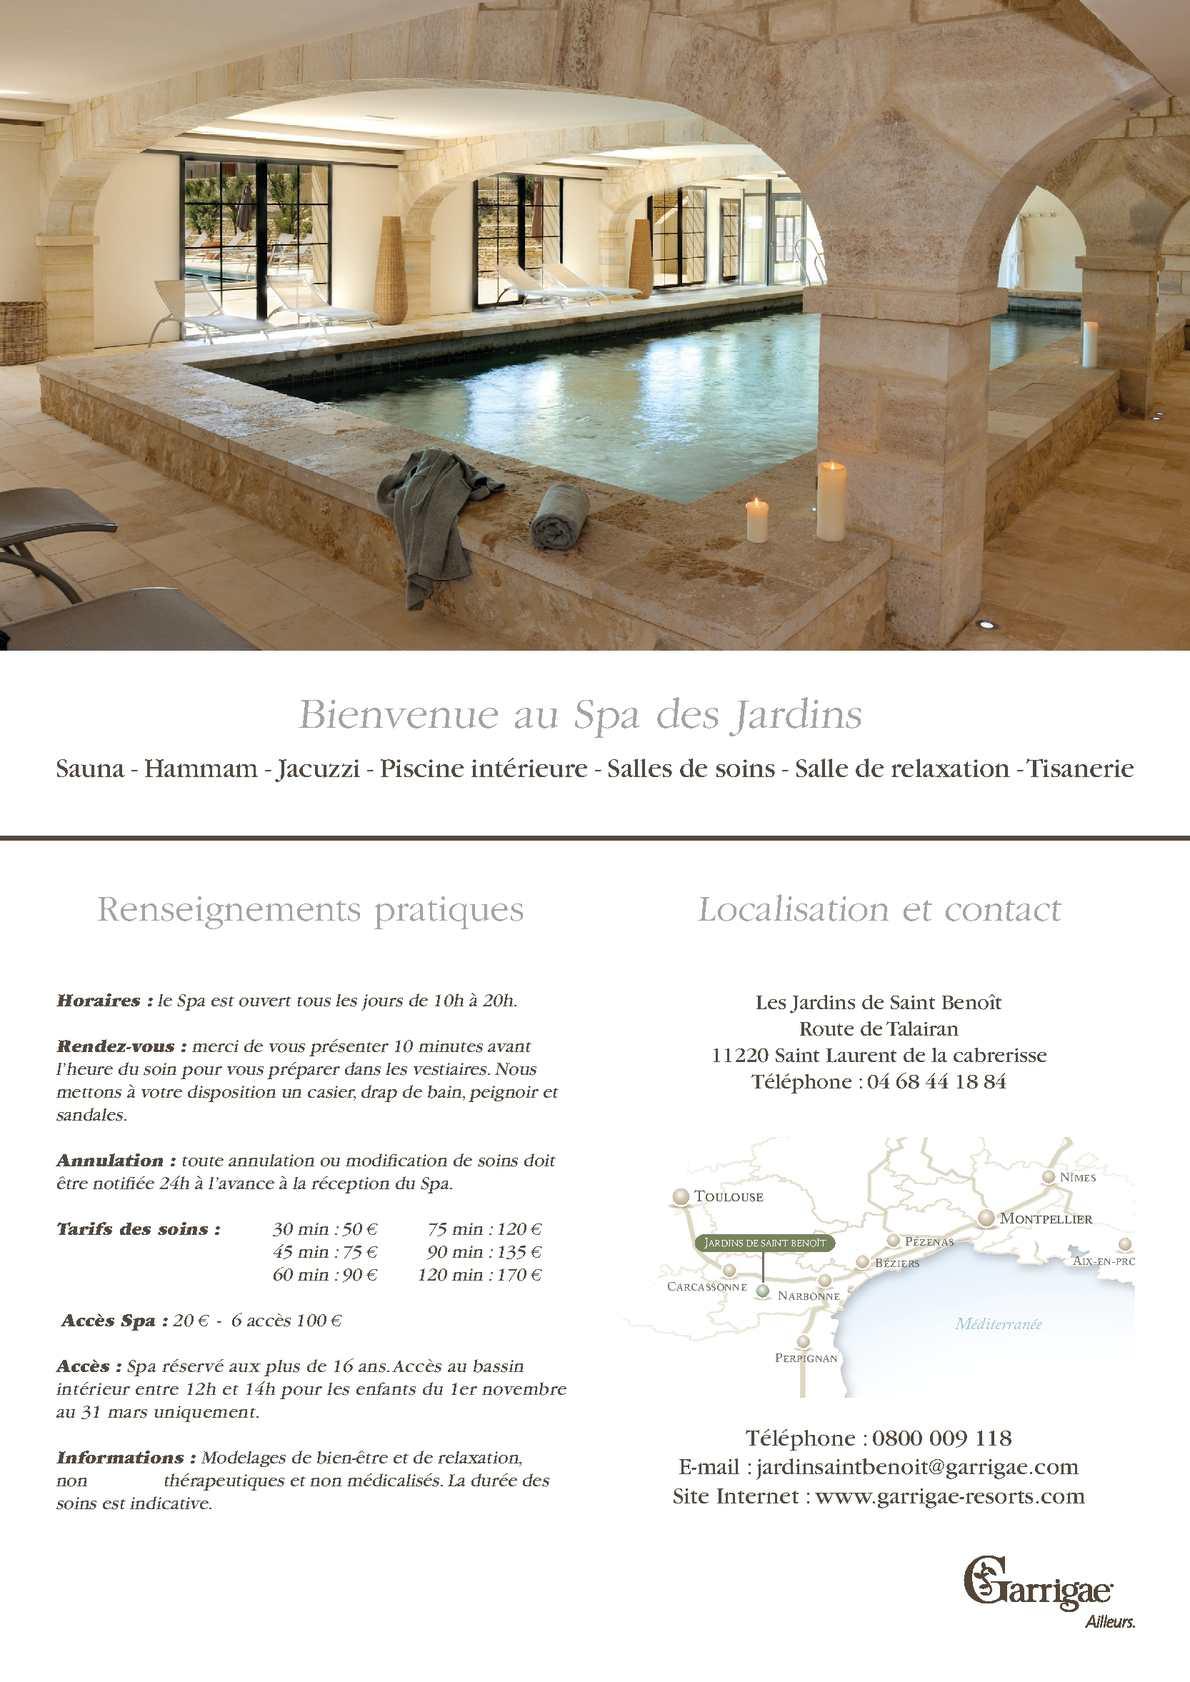 Calaméo - Carte Des Soins Jardins De Saint Benoit serapportantà Les Jardins De St Benoit Spa